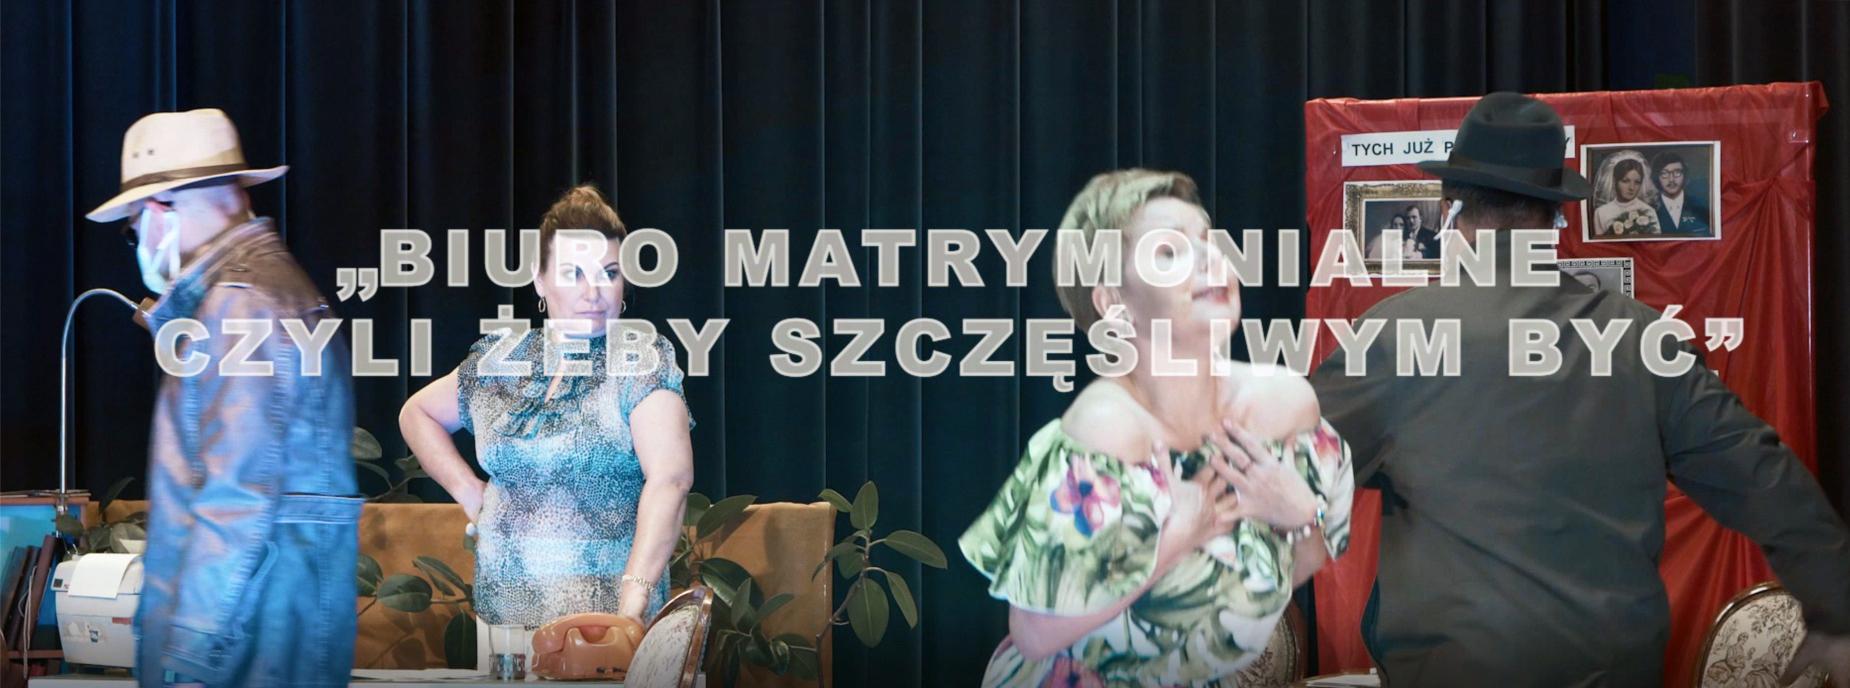 """Plakat koncertu """"Biuro matrymonialne - czyli szczęśliwym byc"""""""